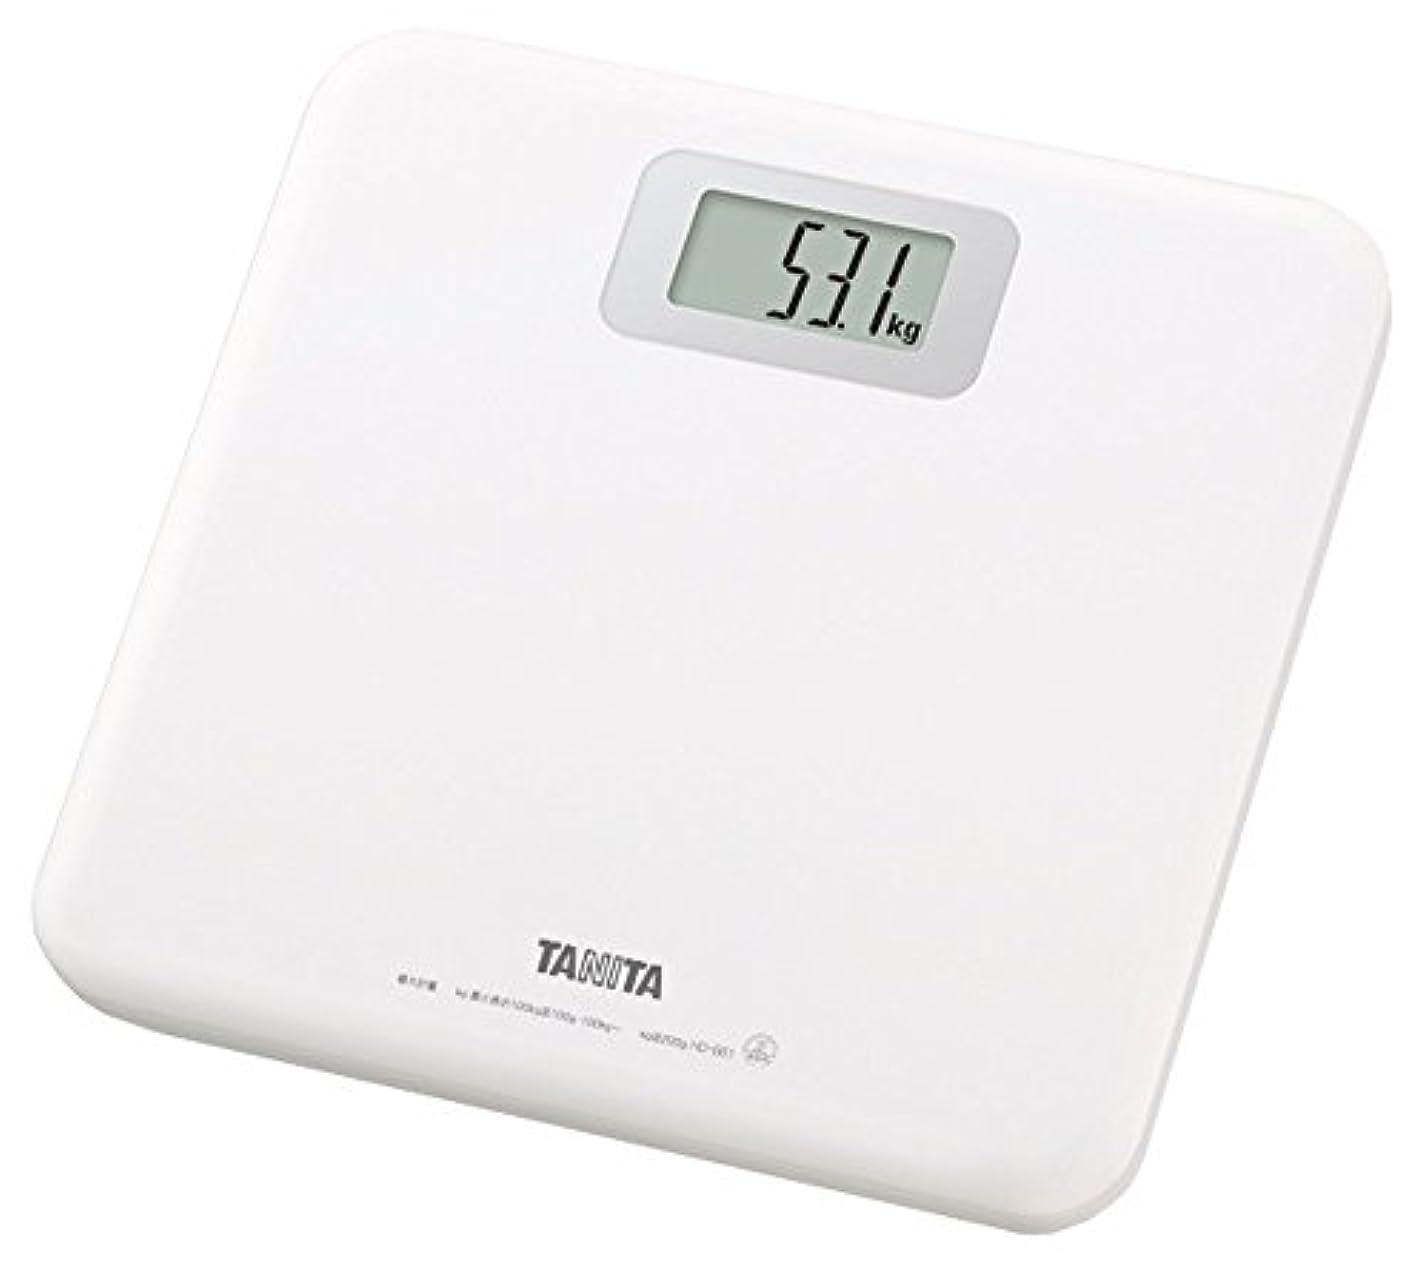 眠りカテナあなたはタニタ 体重計 ホワイト HD-661-WH